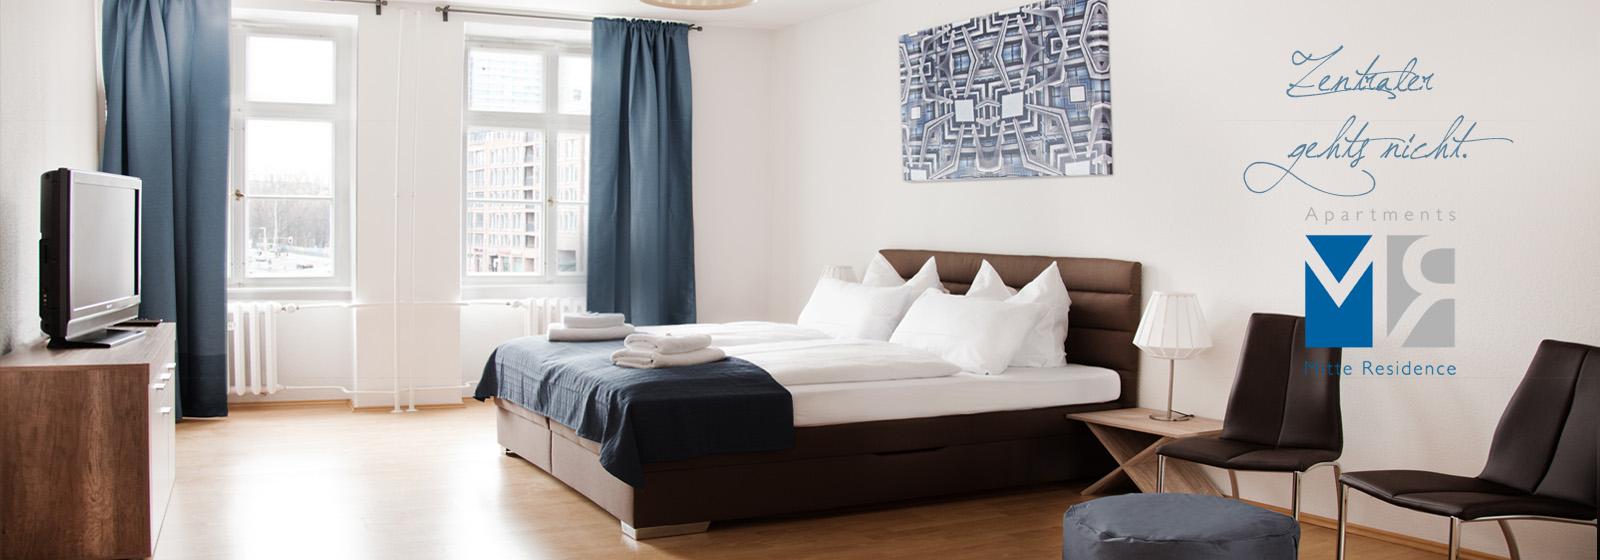 zentrum-apartment-naehe-alex